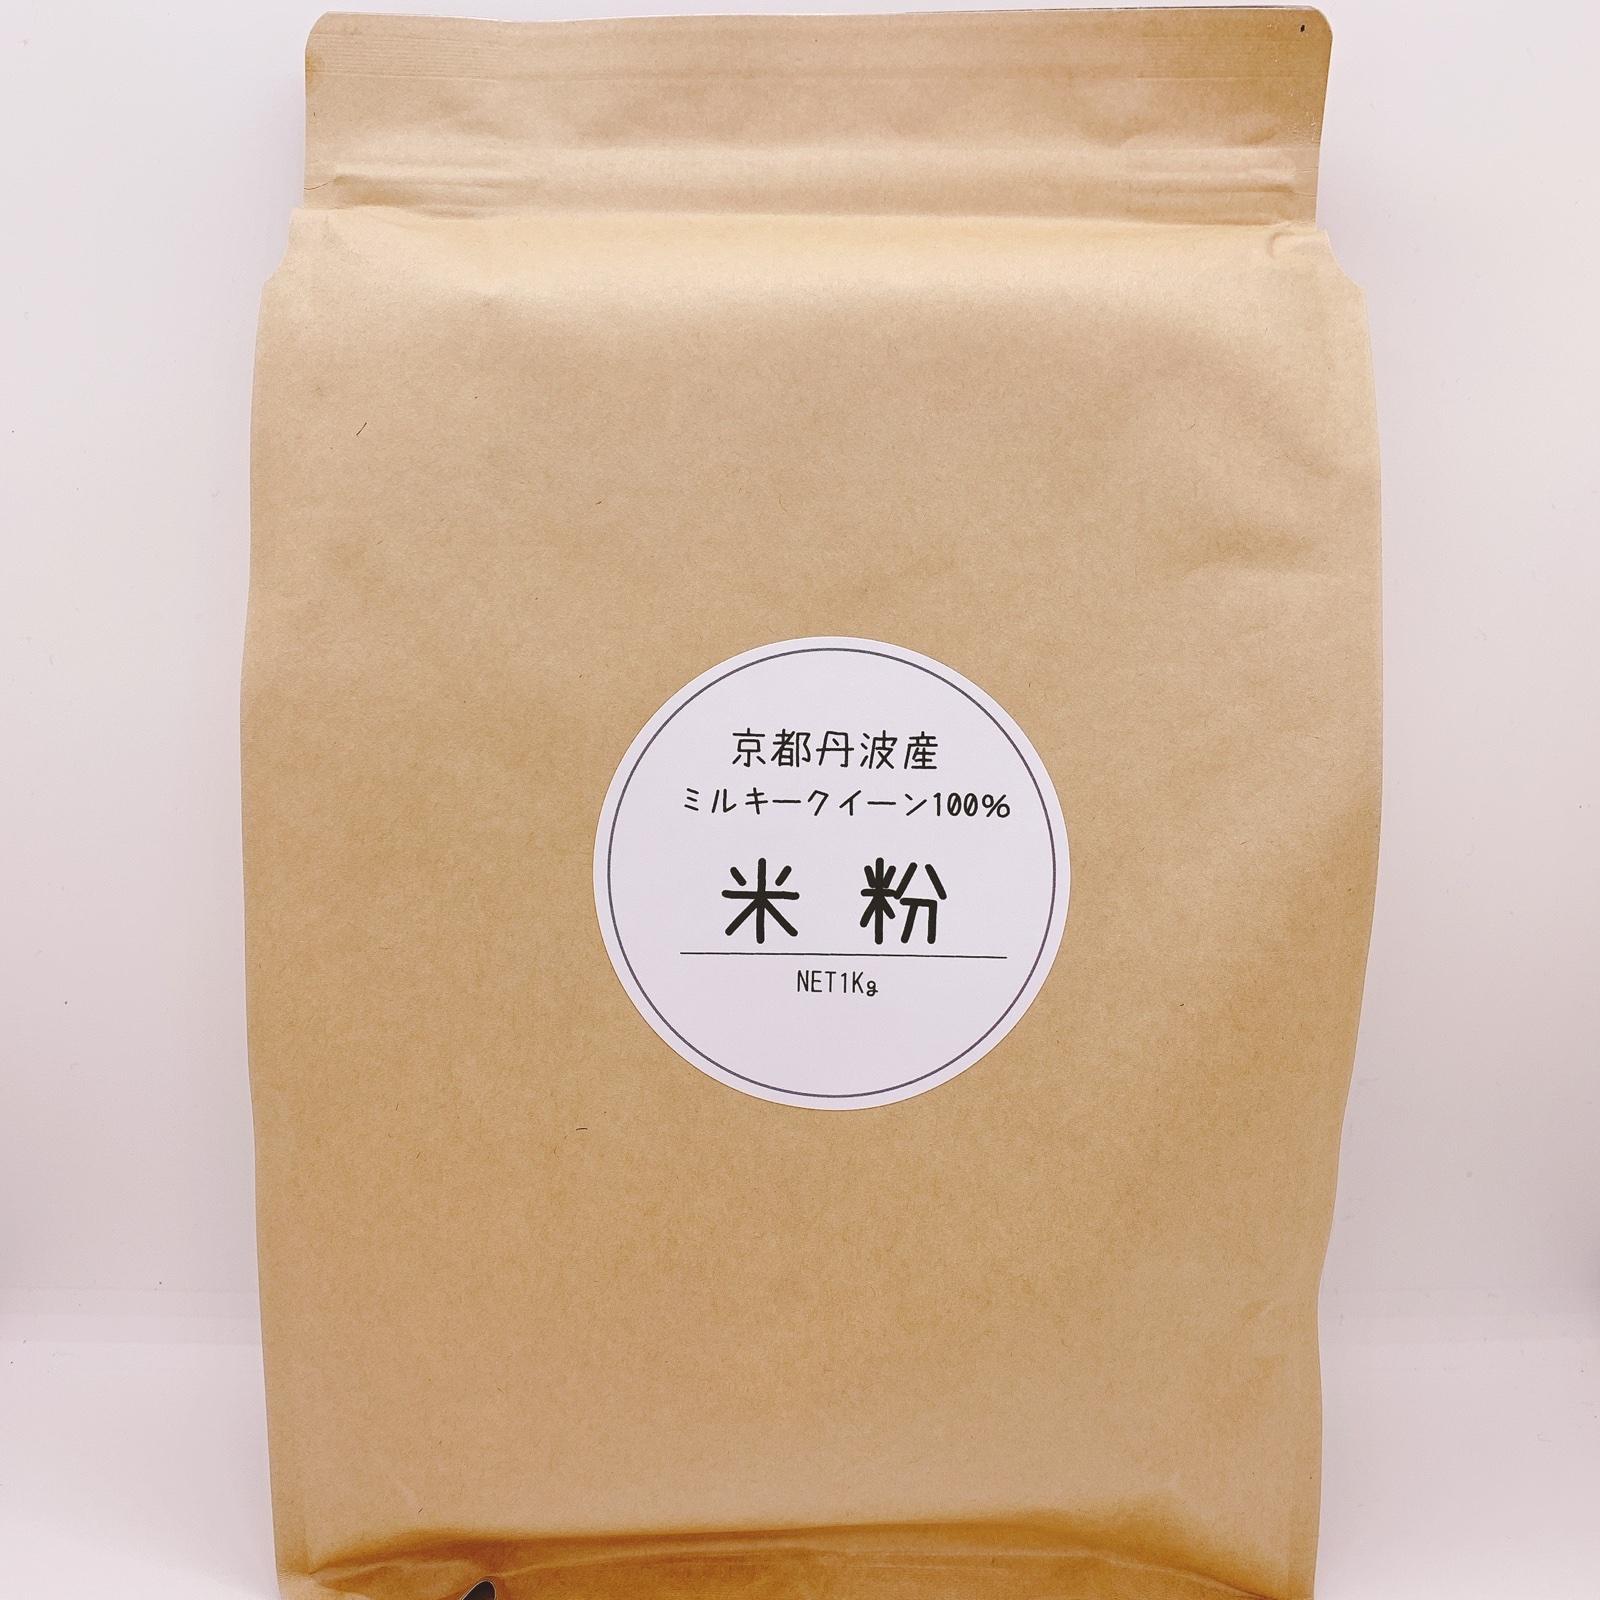 令和元年産京都丹波ミルキークイーンの米粉 1k g 加工品/その他加工品通販